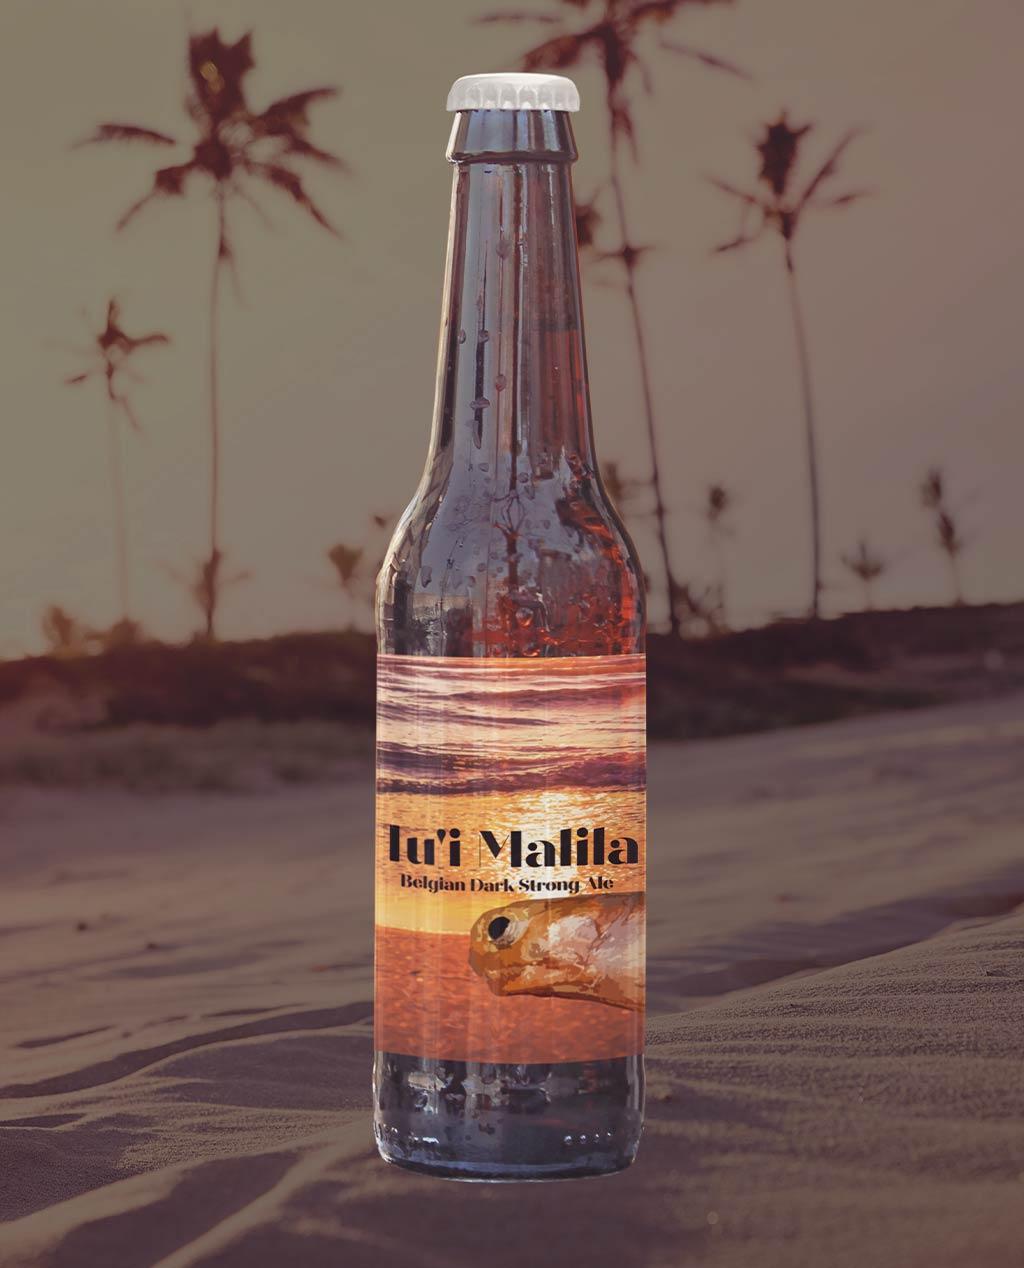 aloumina-cervexa-artesana-craft-beer-caja-variada-serietola-frikisatope-TuiMalila-1024×1268-001